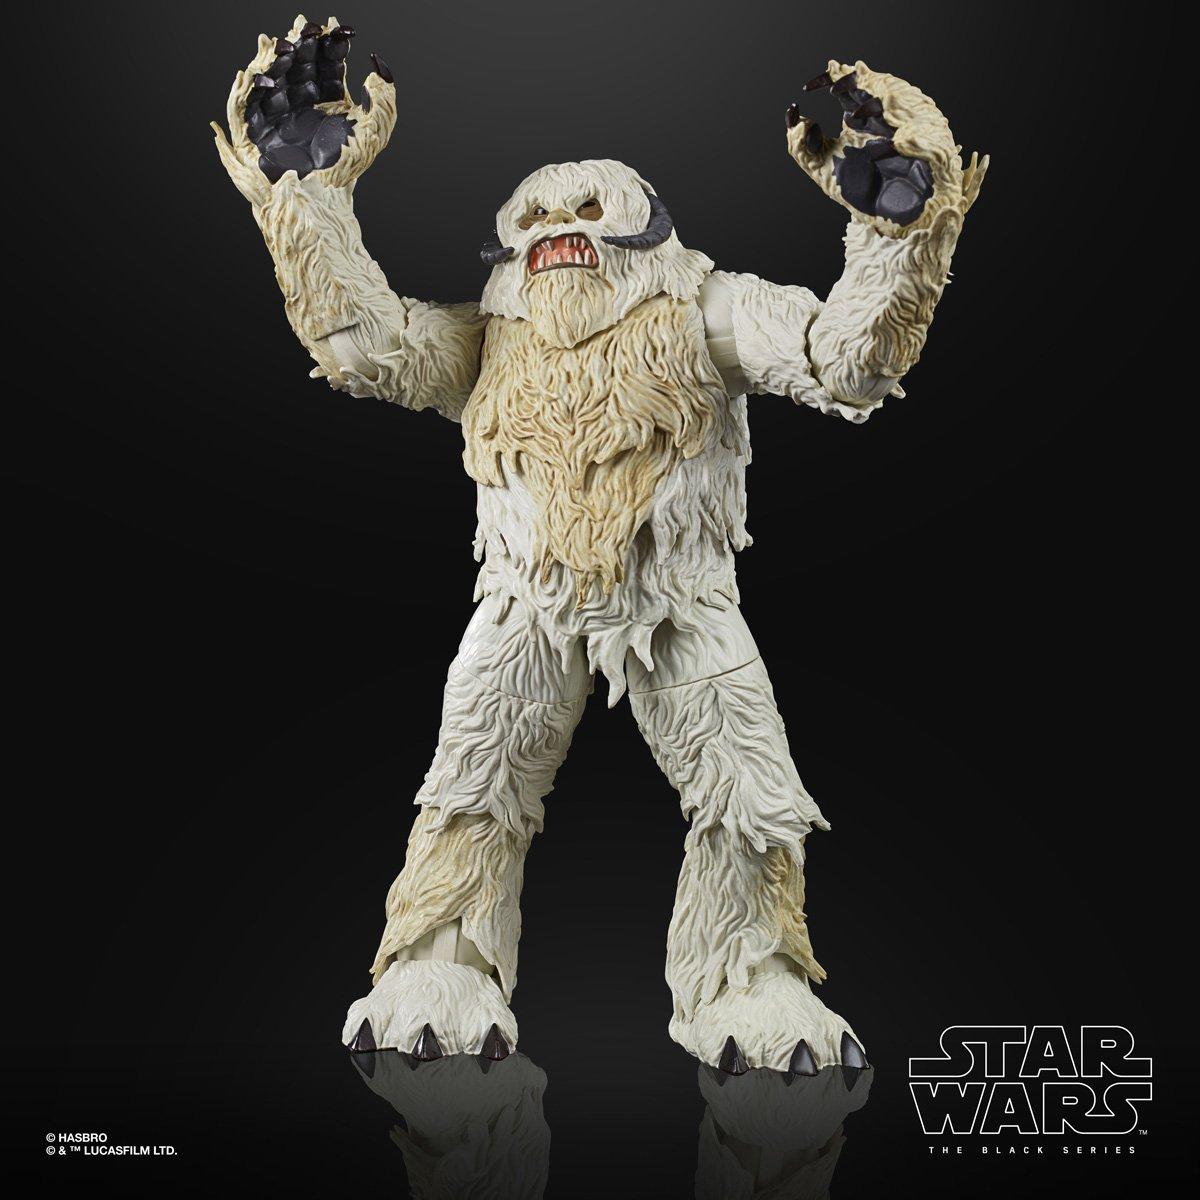 star-wars-the-black-series-6-inch-scale-hoth-wampa-figure-oop-1